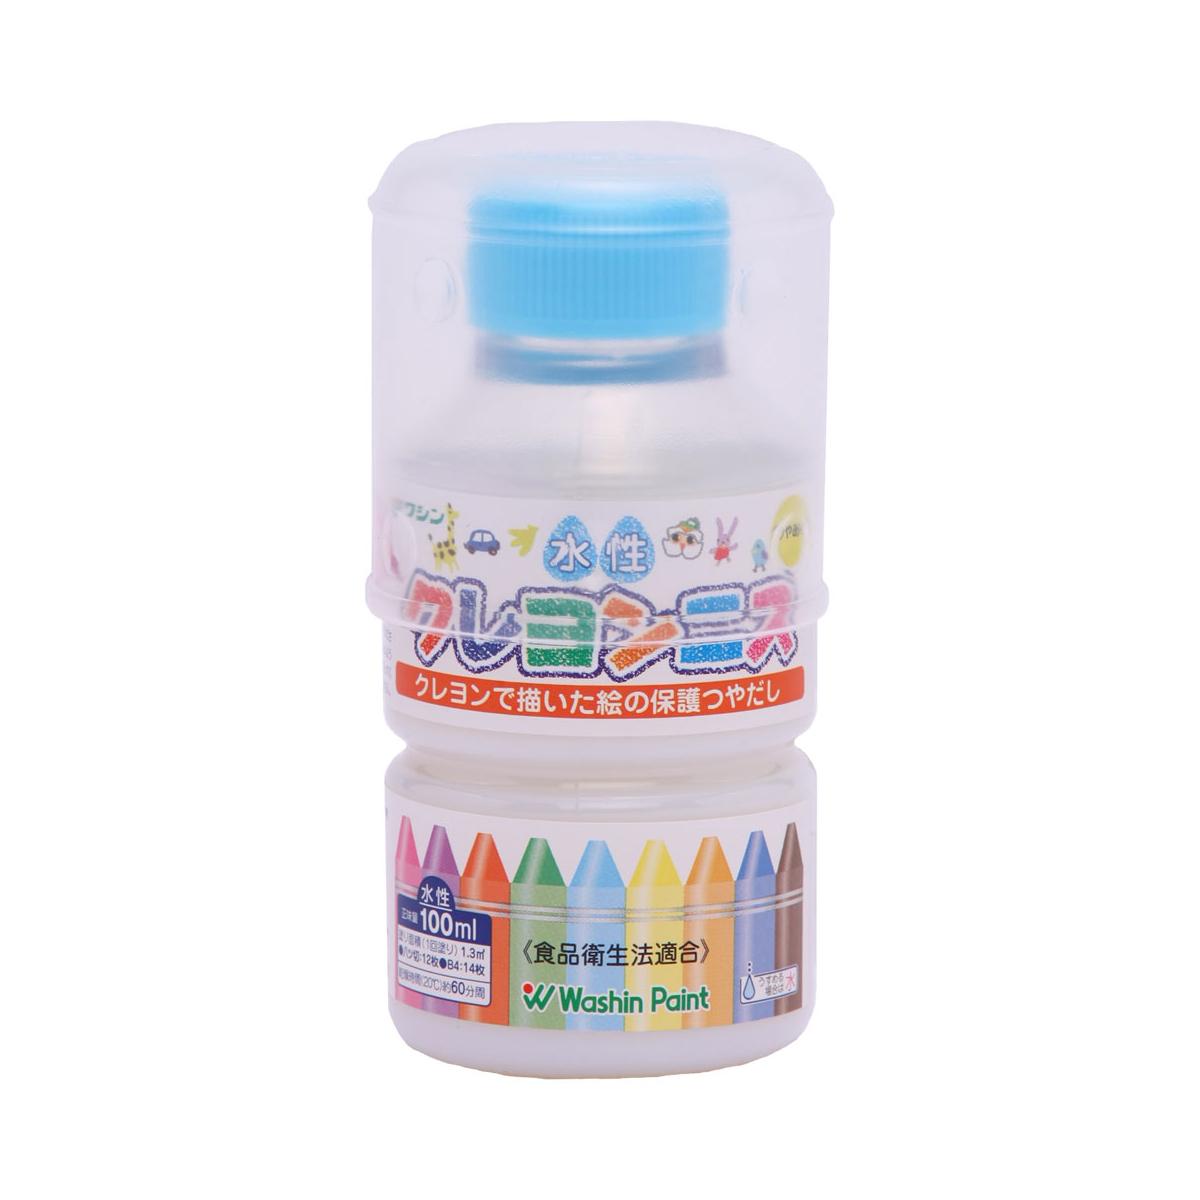 クレヨンの色移り 出群 汚れを防ぎます クレヨンニス 水性 100mL 公式通販 工作 イラスト 保存 子供 保護 クレヨン